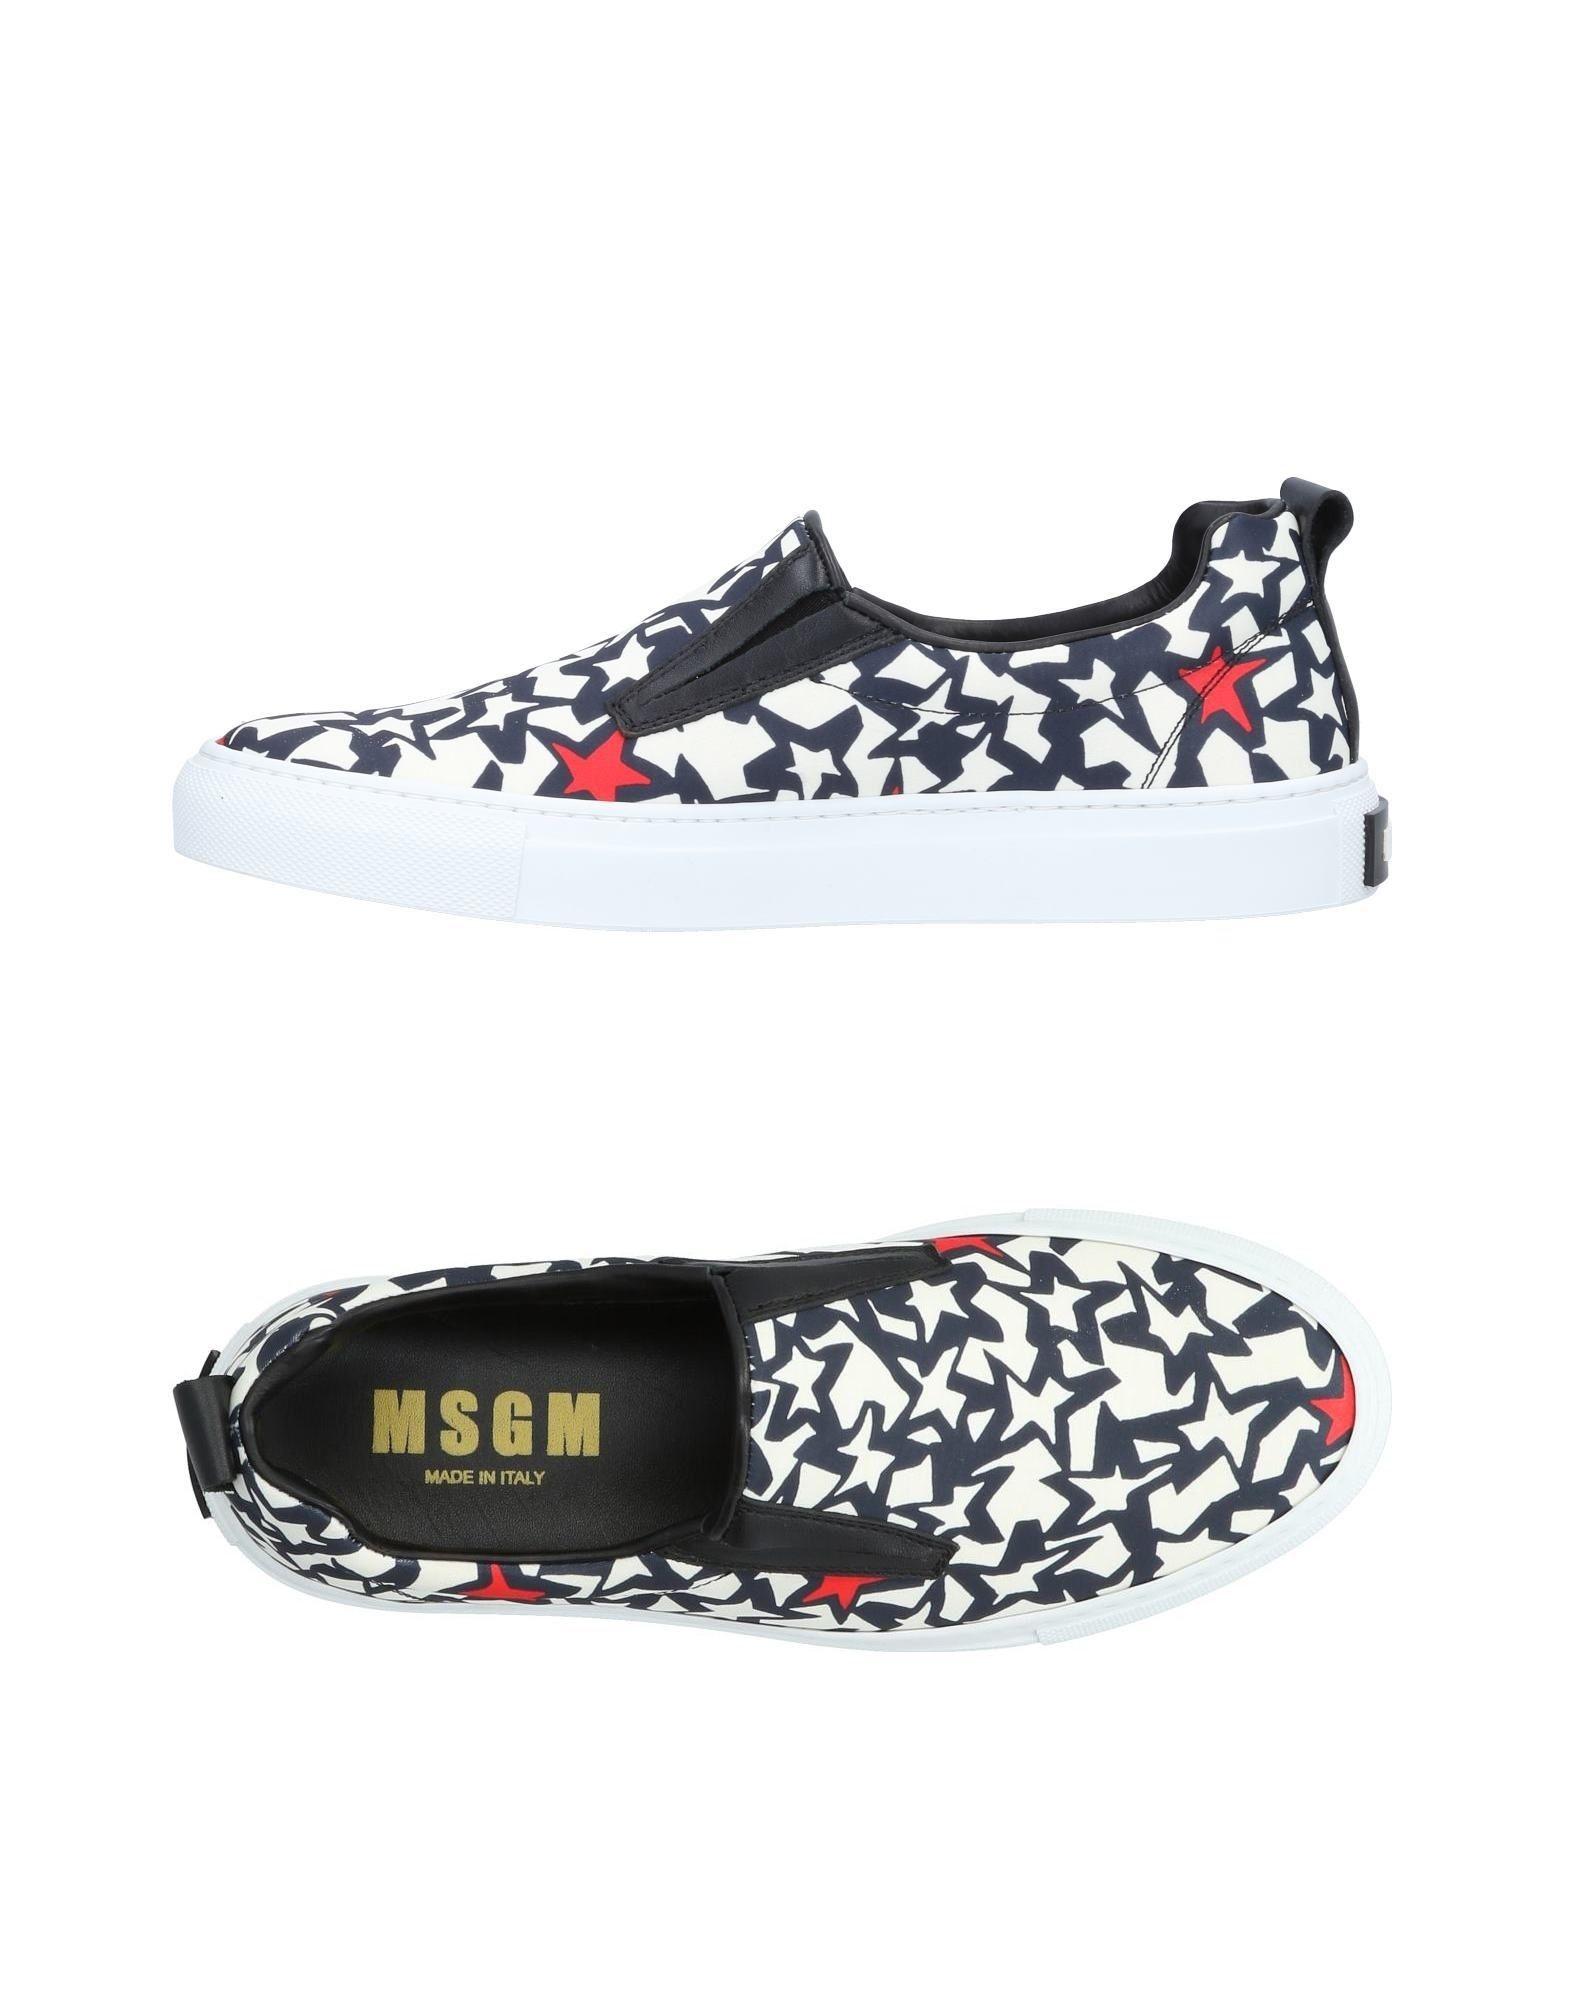 Sneakers Msgm Donna - 11495796NR Scarpe economiche e buone